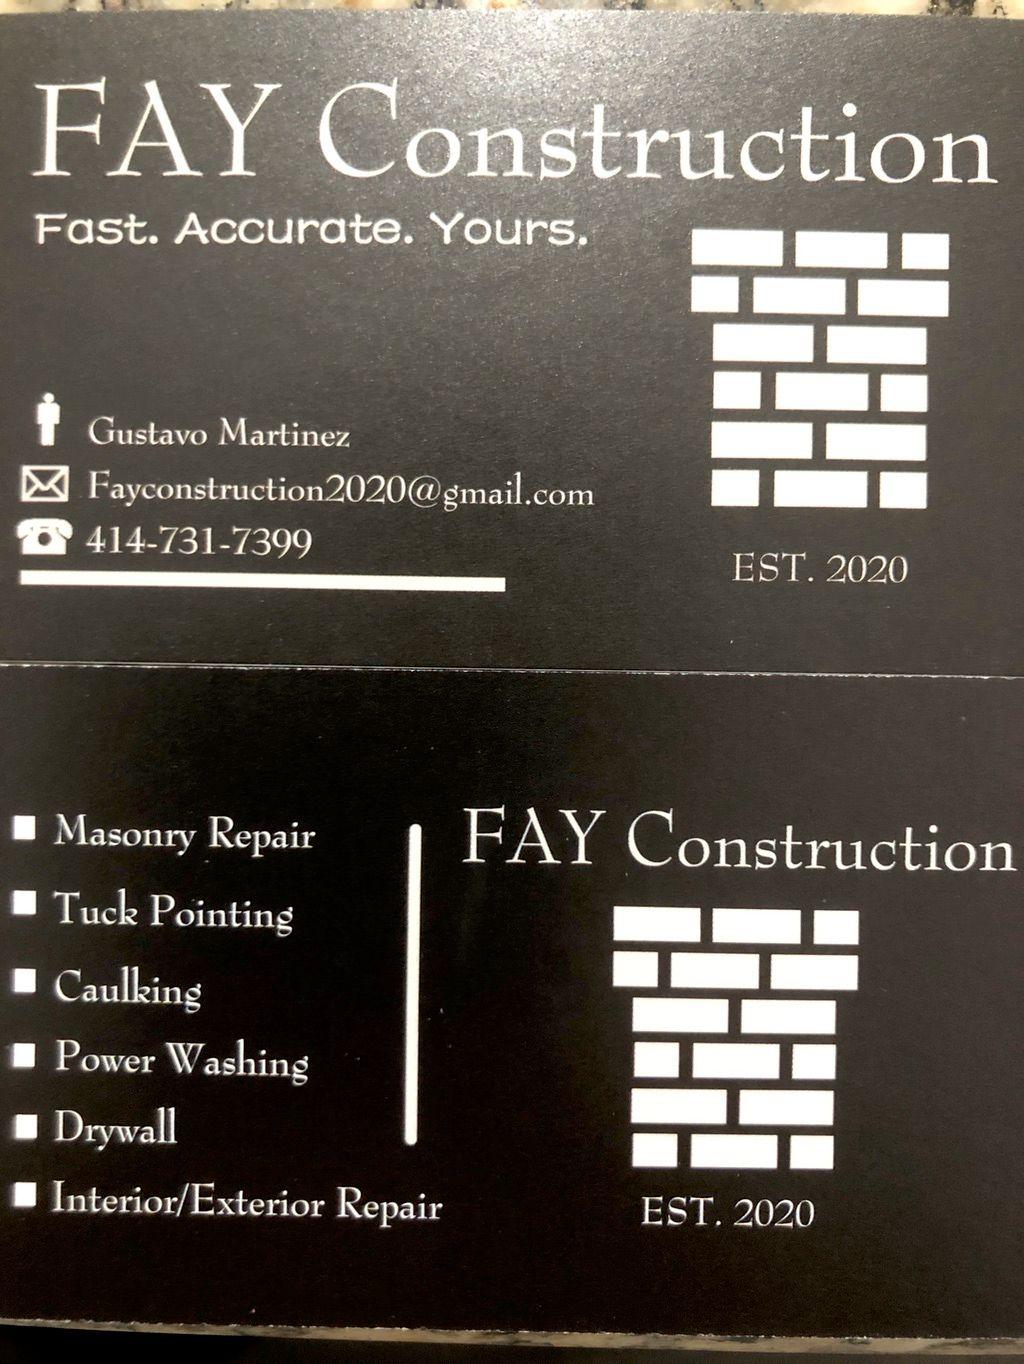 Fay Construction